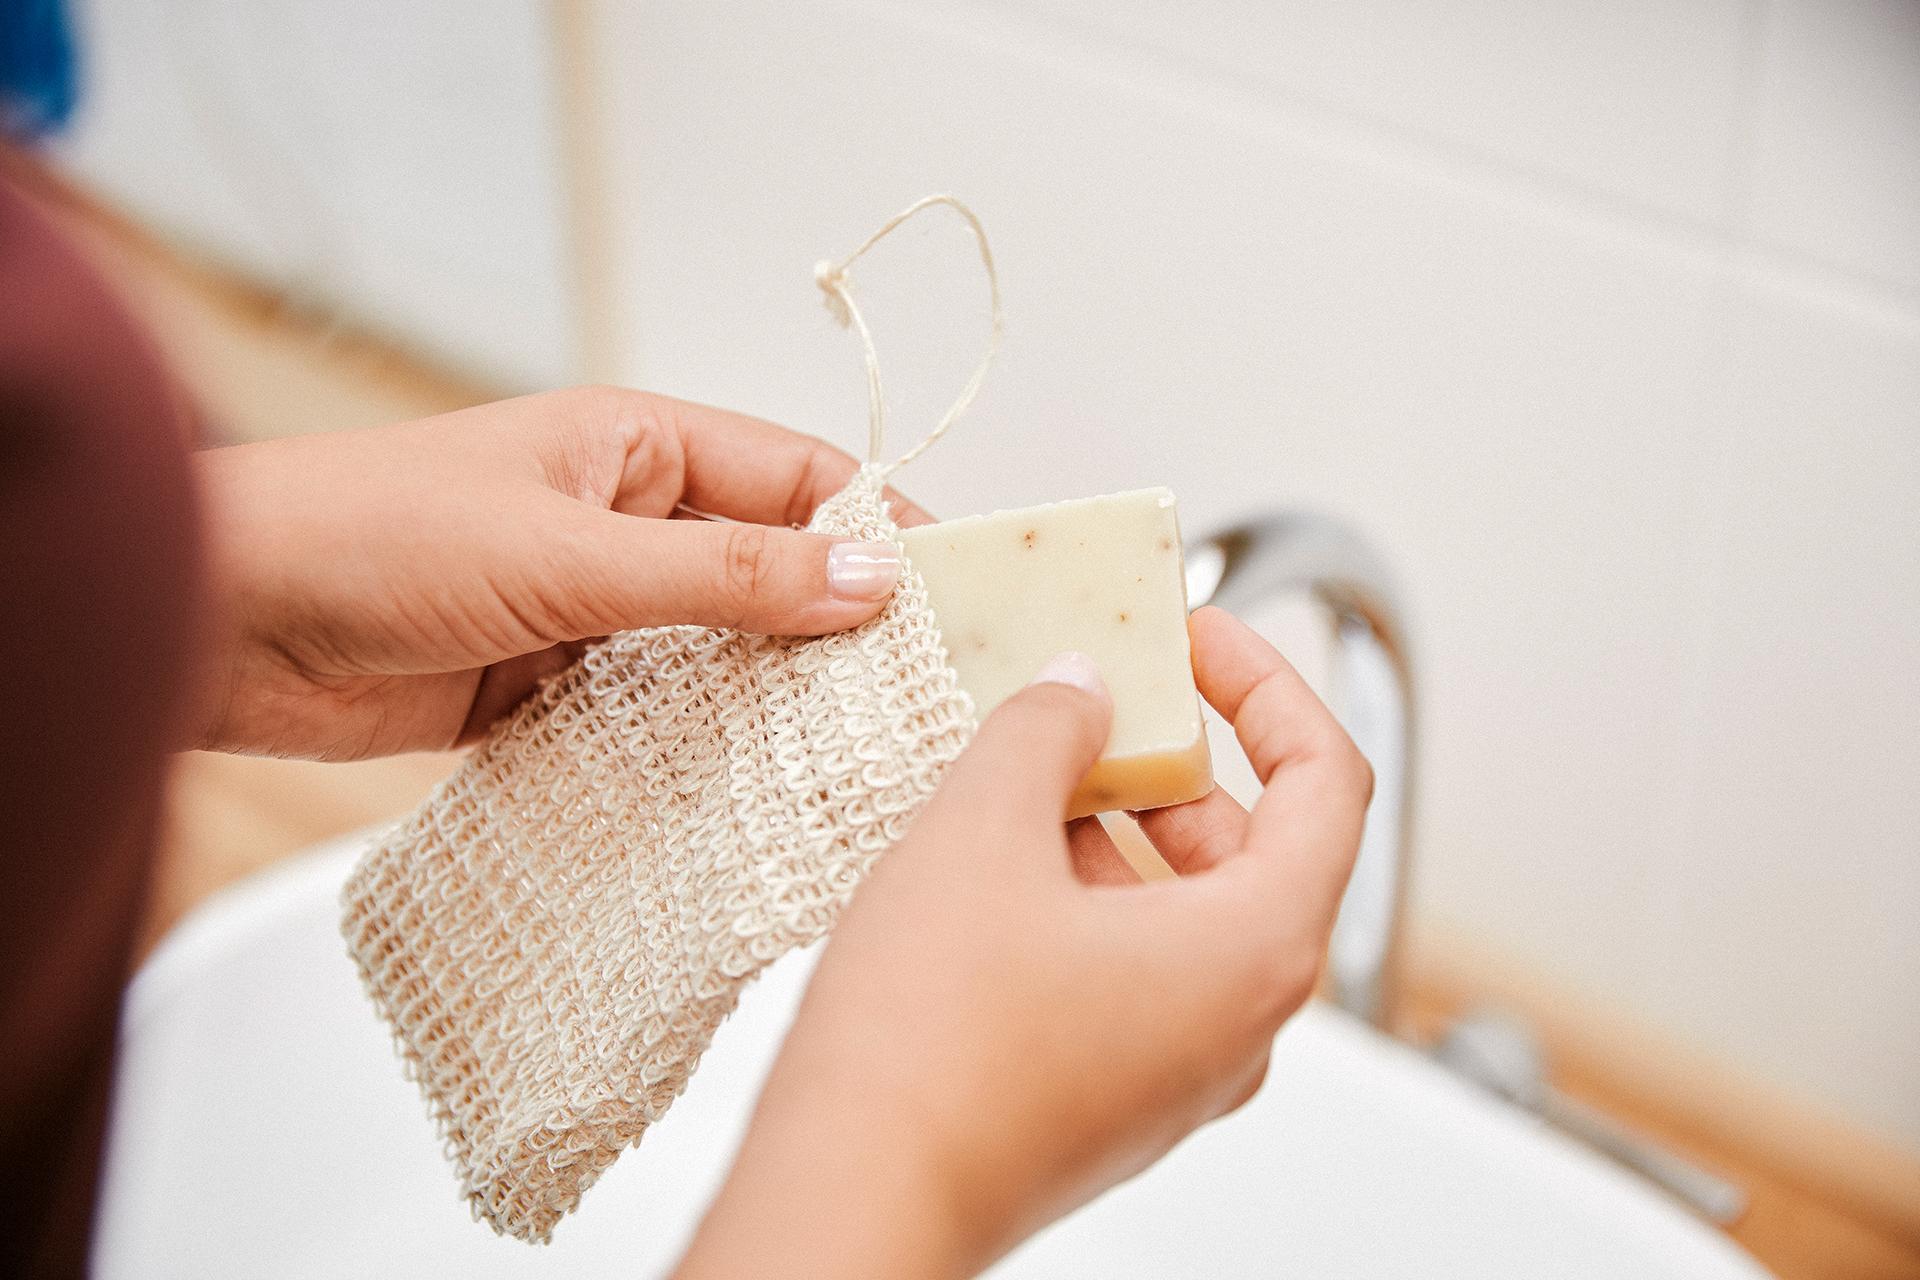 Das praktische Seifensäckchen gibt es auch einzeln zu kaufen